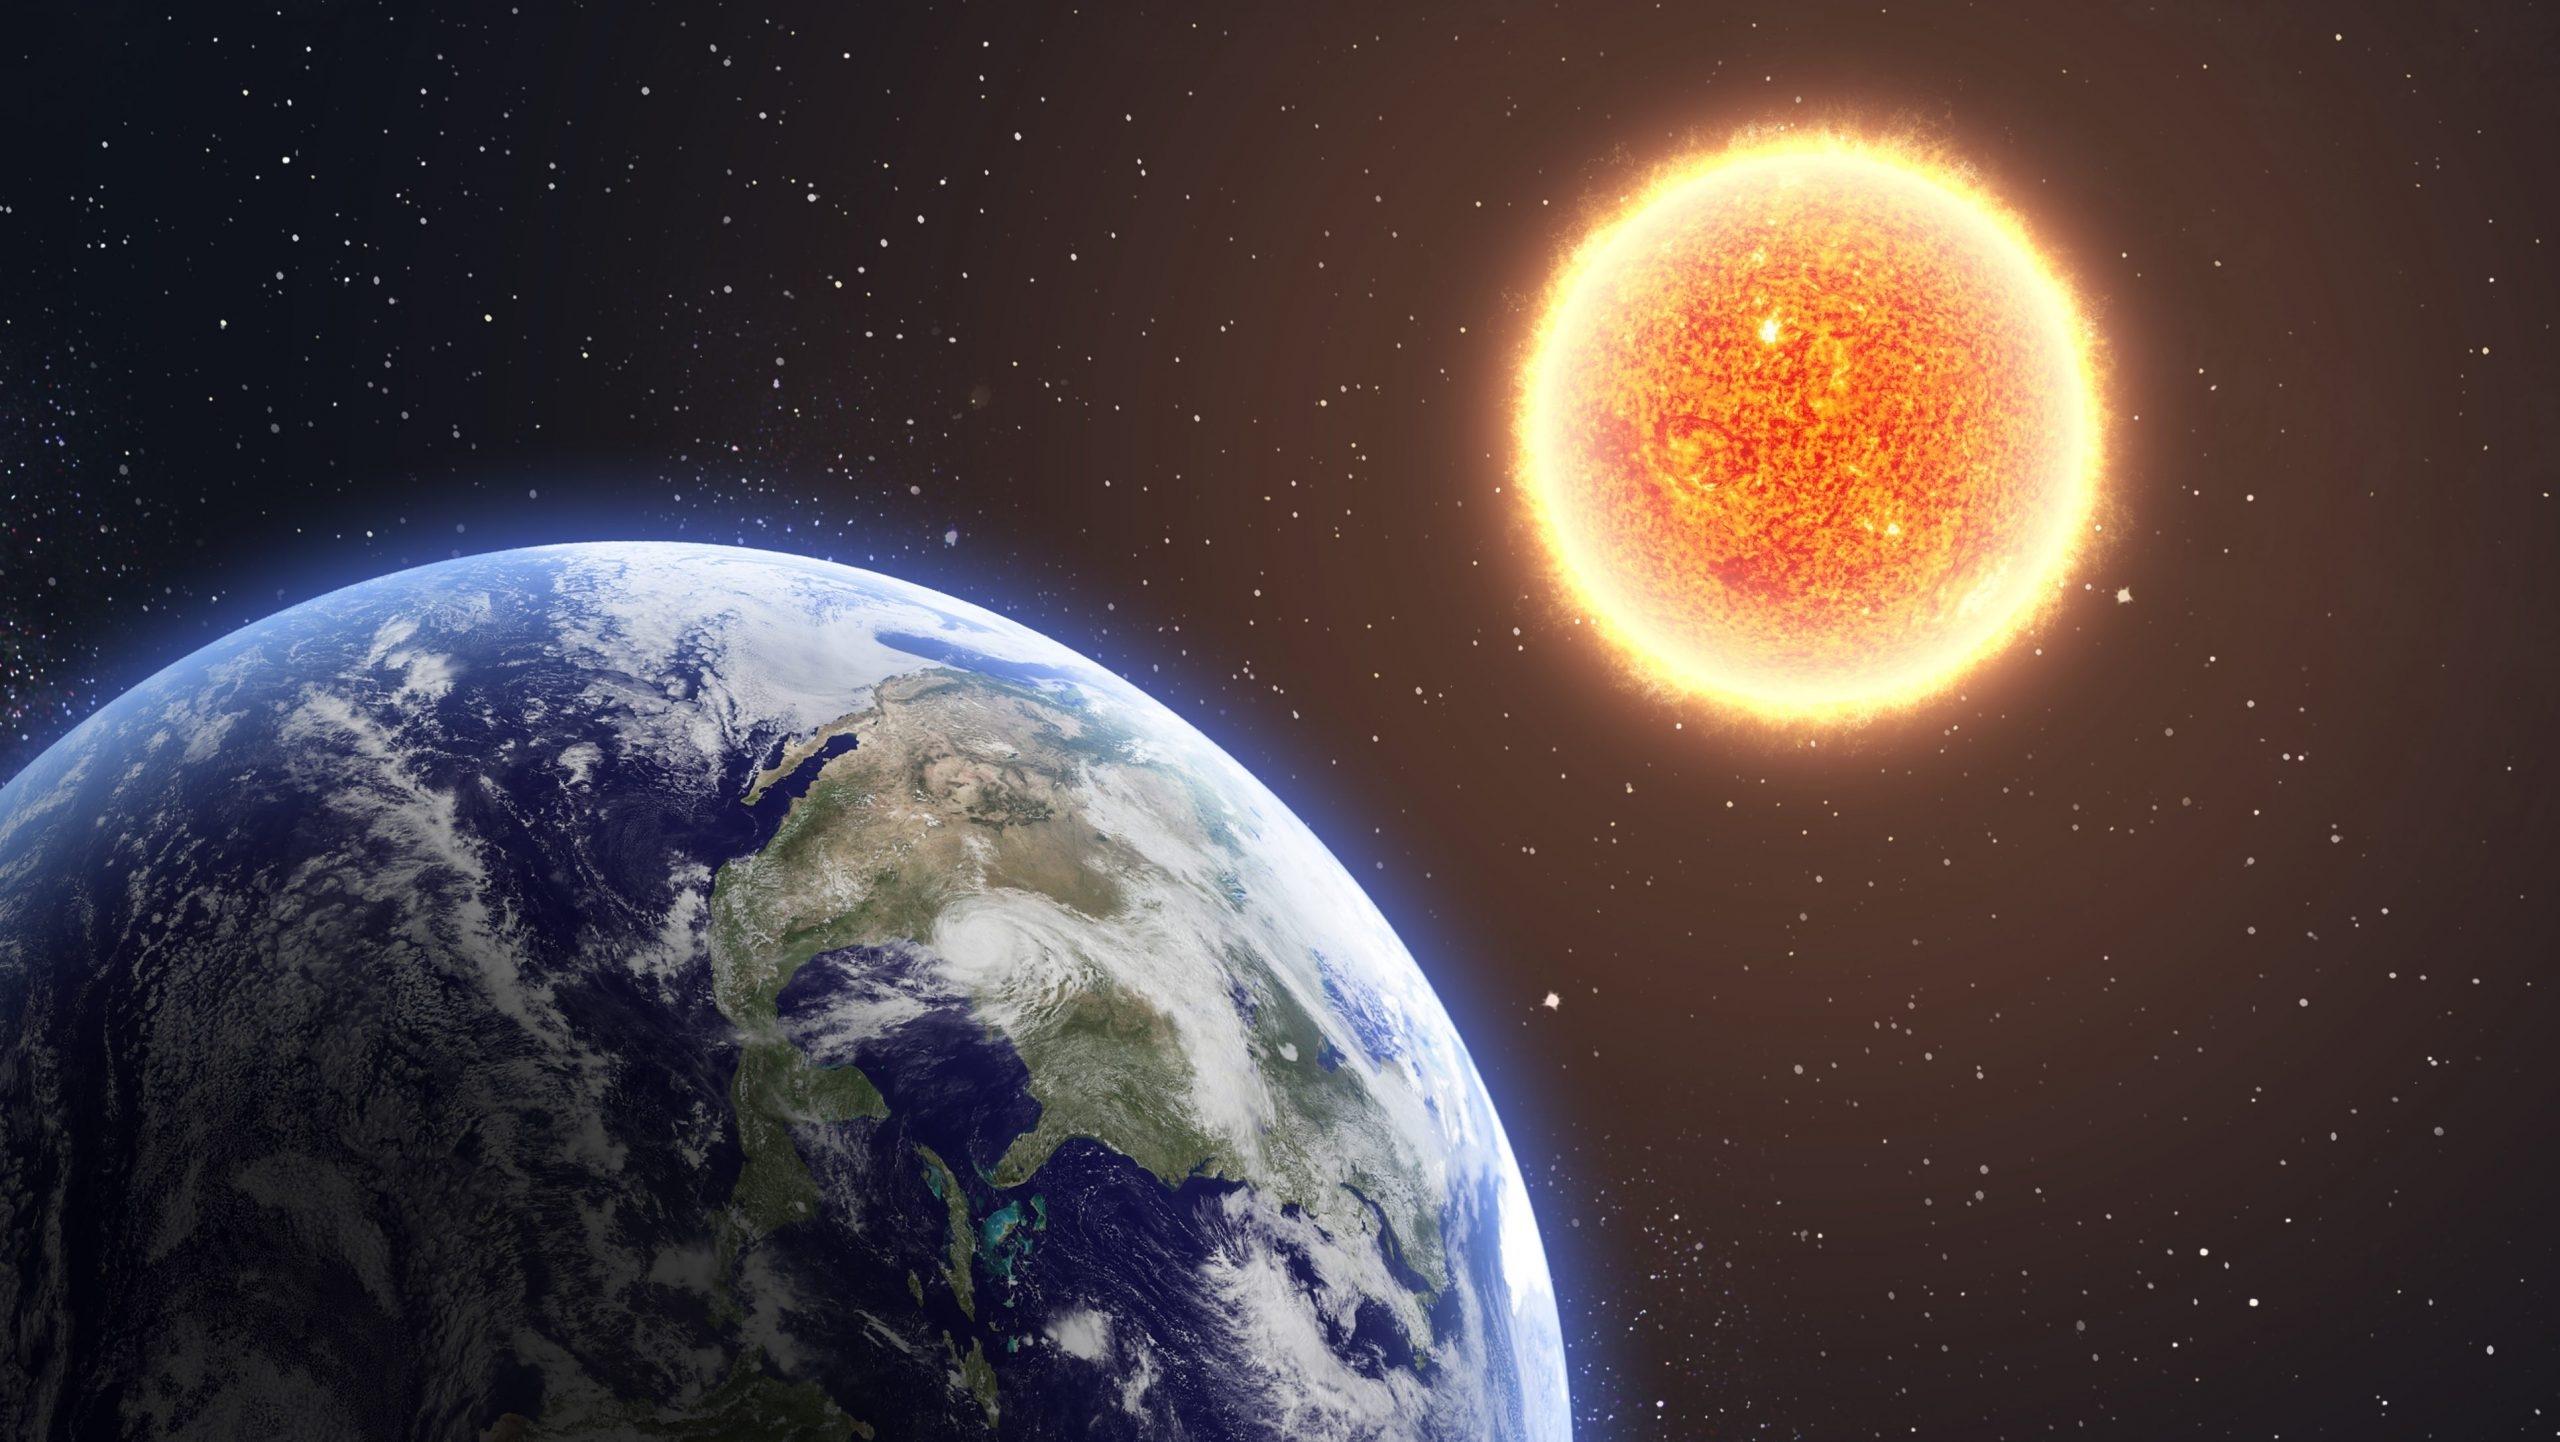 Откриха екзопланета, която прилича на Земята и обикаля около нейно слънце